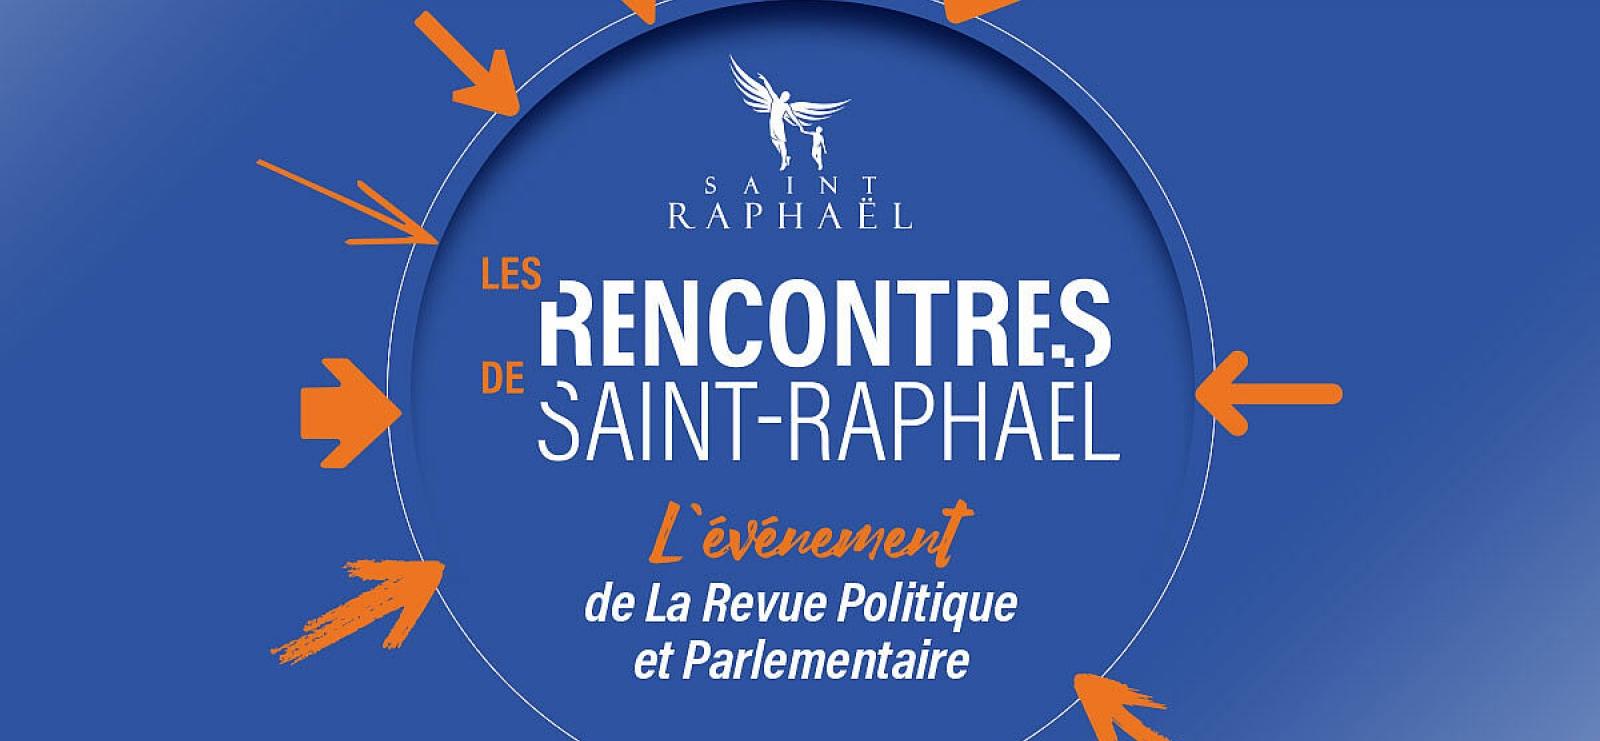 Les rencontres de Saint-Raphael